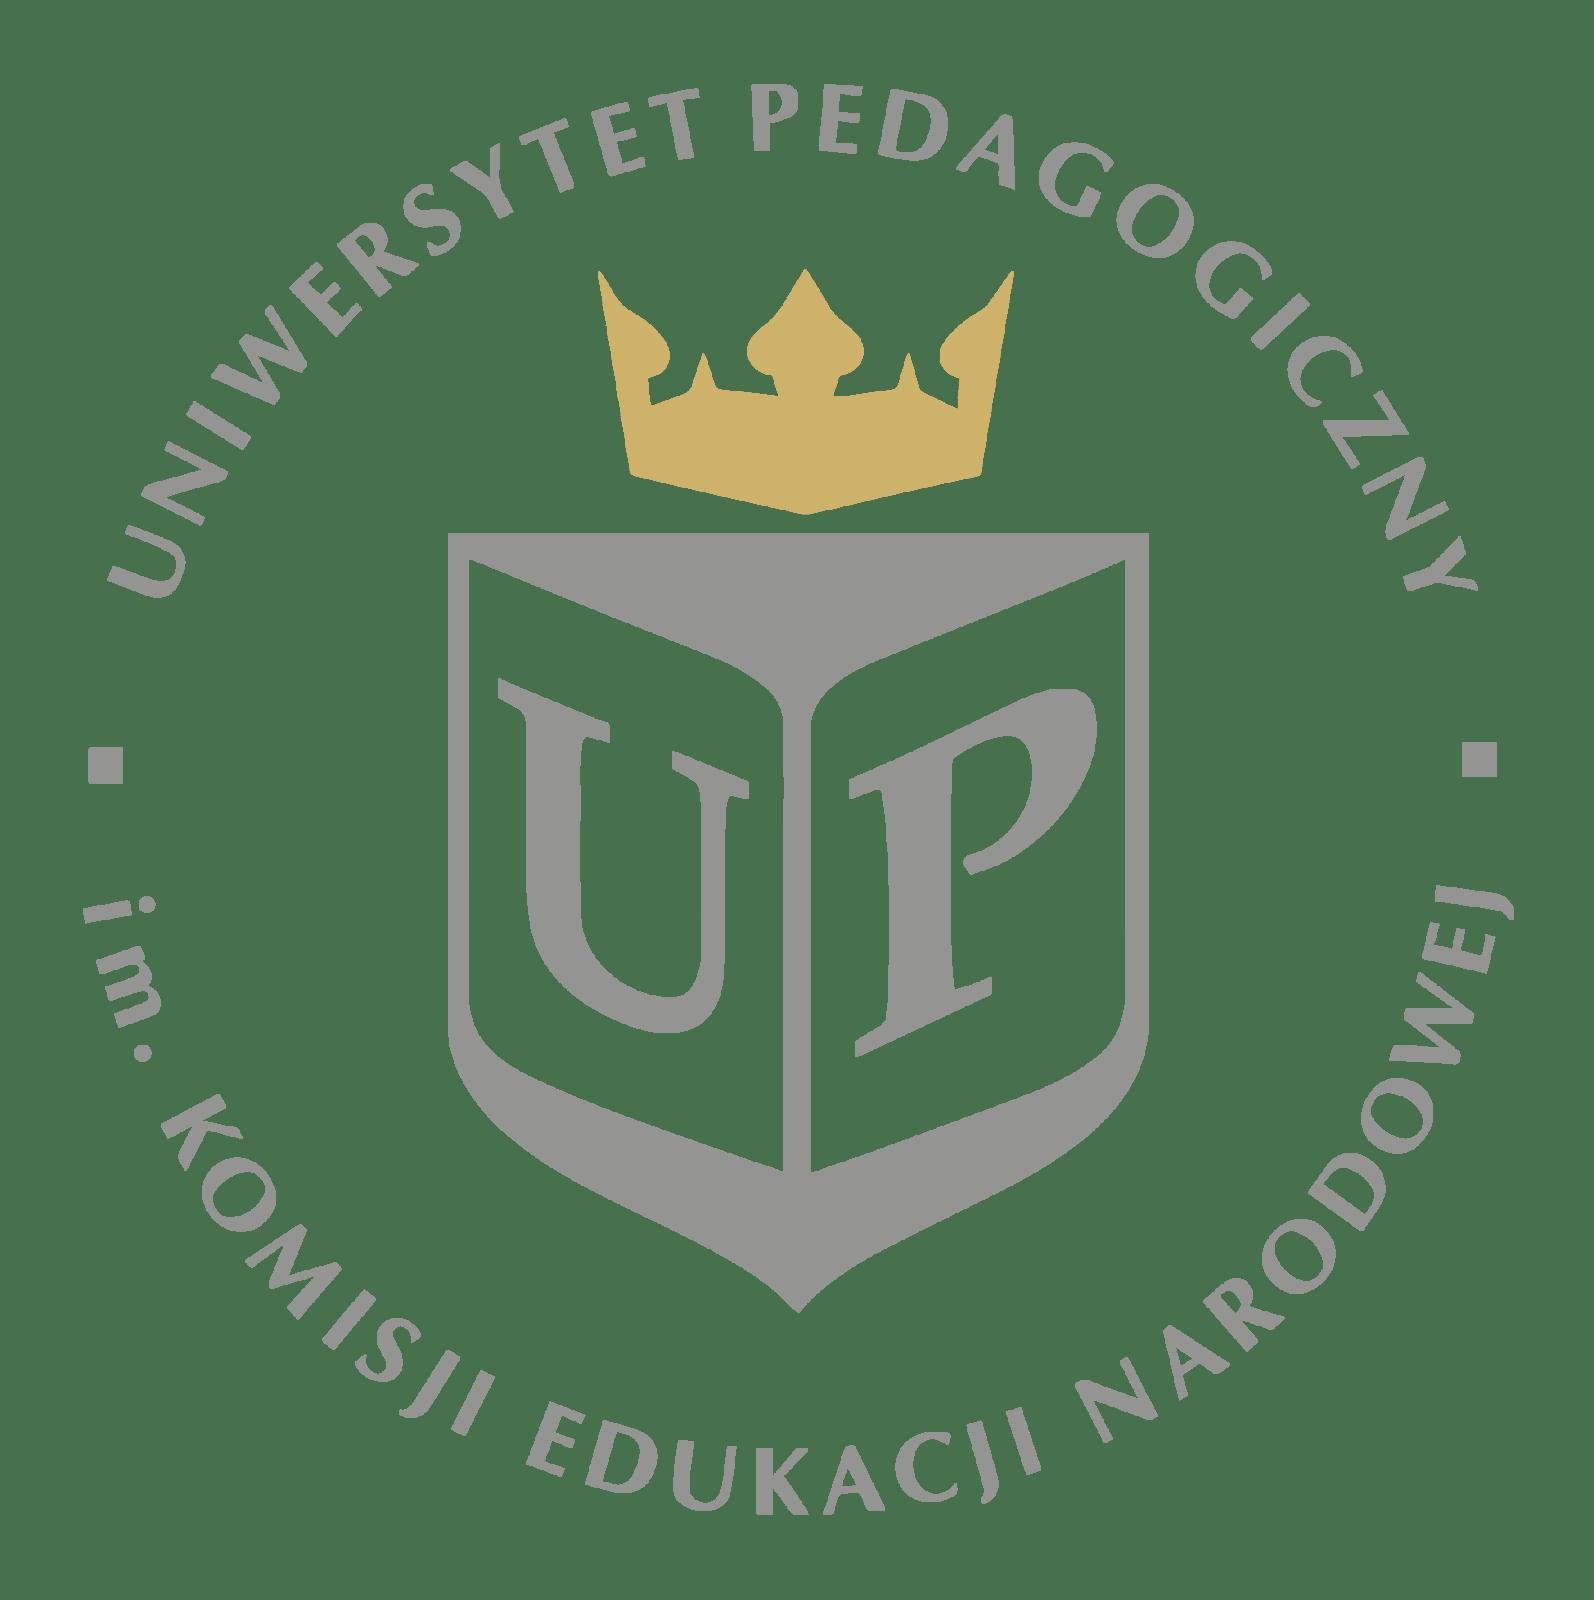 Uniwersytetem Pedagogicznym im. Komisji Edukacji Narodowej w Krakowie